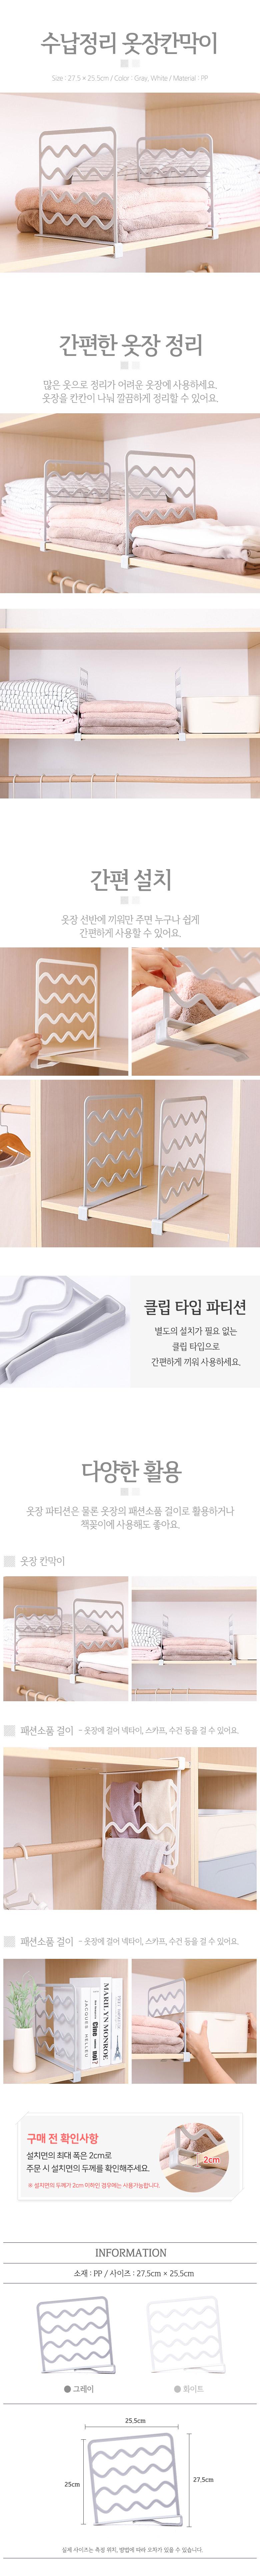 옷장 칸막이 분리대 - 삼도, 3,500원, 서랍장, 서랍 정리/칸막이